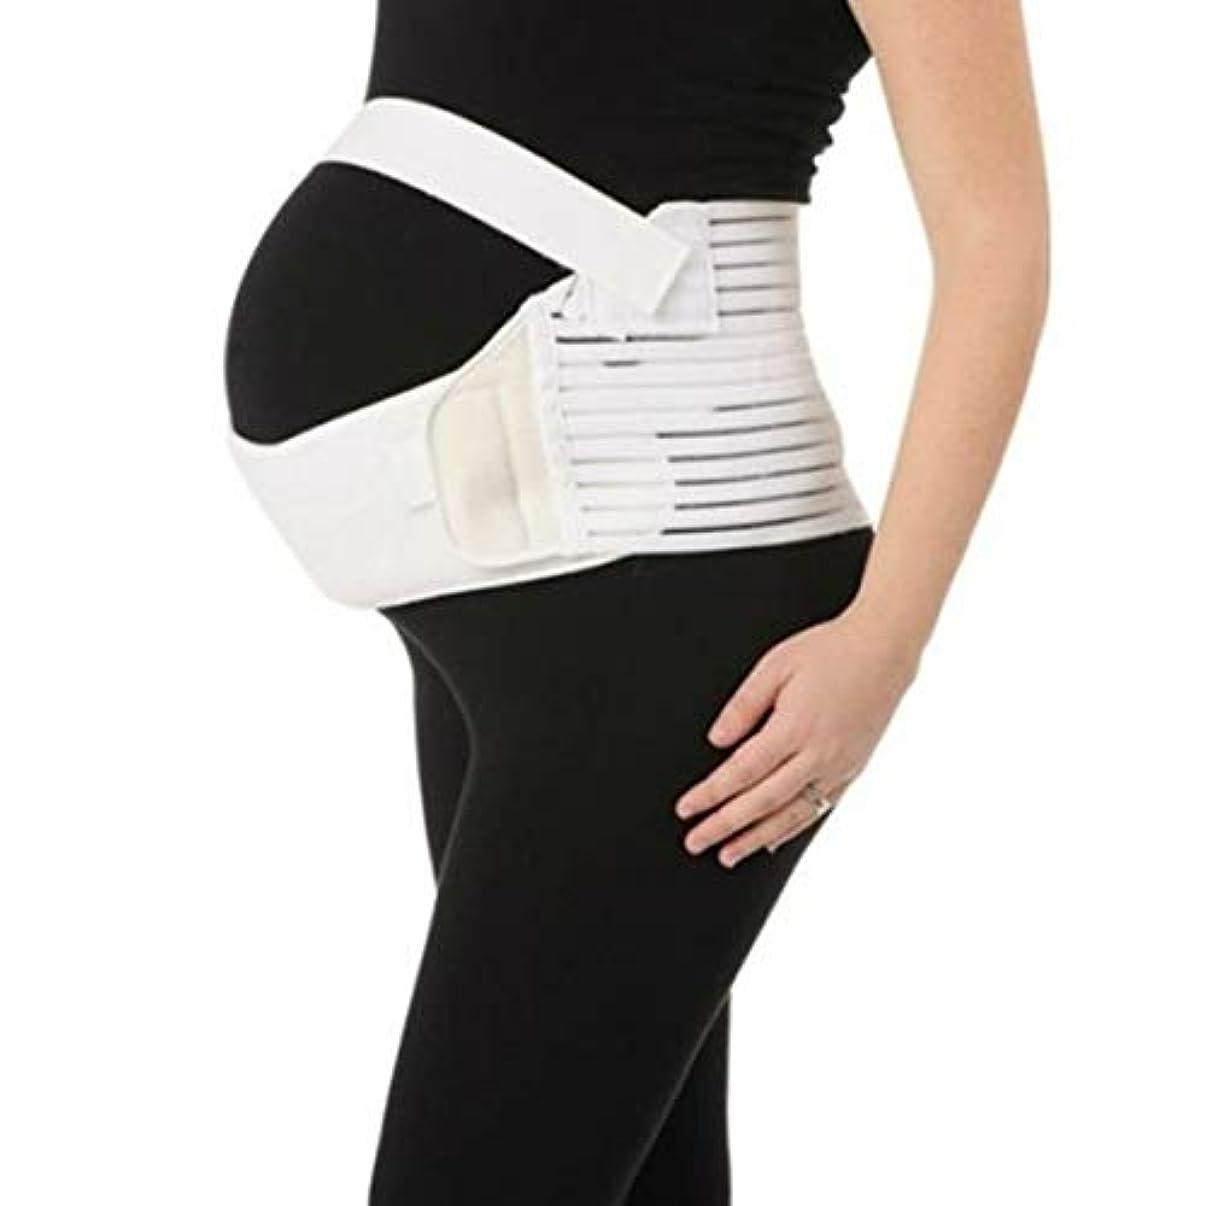 ギターブリーフケース苦行通気性マタニティベルト妊娠腹部サポート腹部バインダーガードル運動包帯産後の回復shapewear - ホワイトL